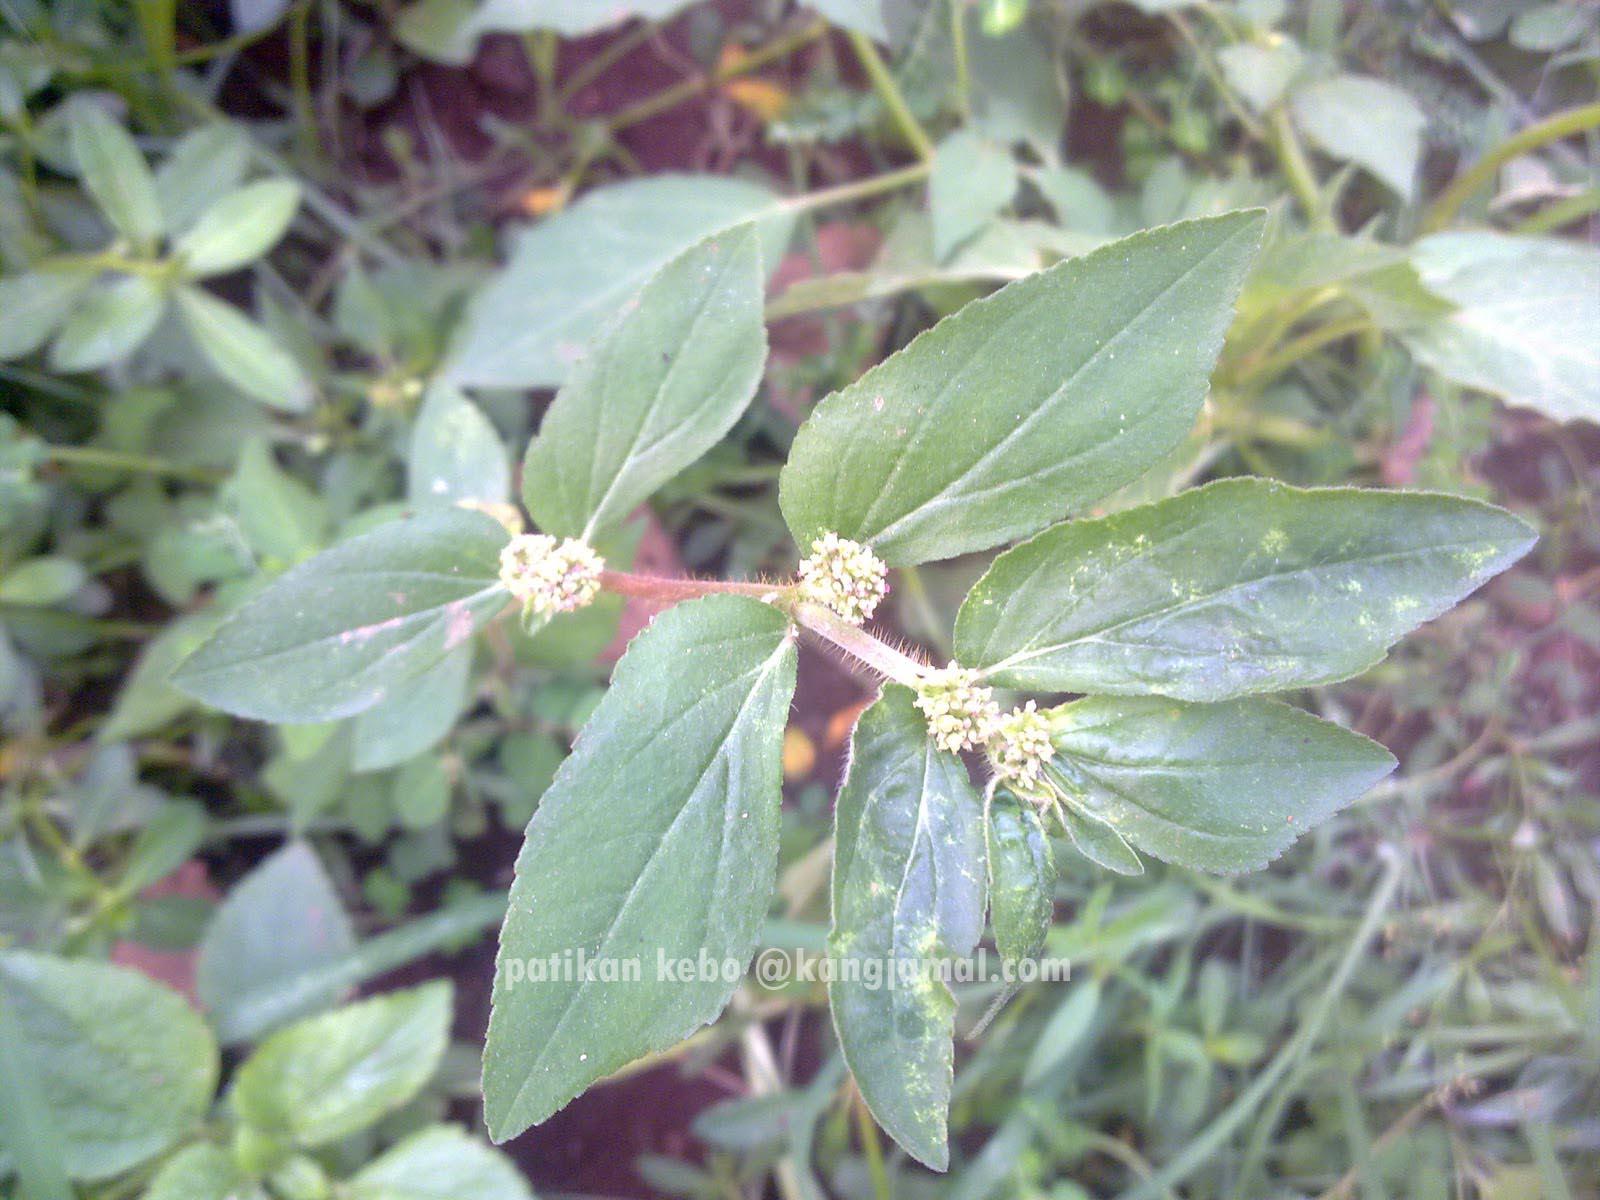 3 Jenis Rumput Makanan Jangkrik Paling Bagus Dan Gratis Dari Alam